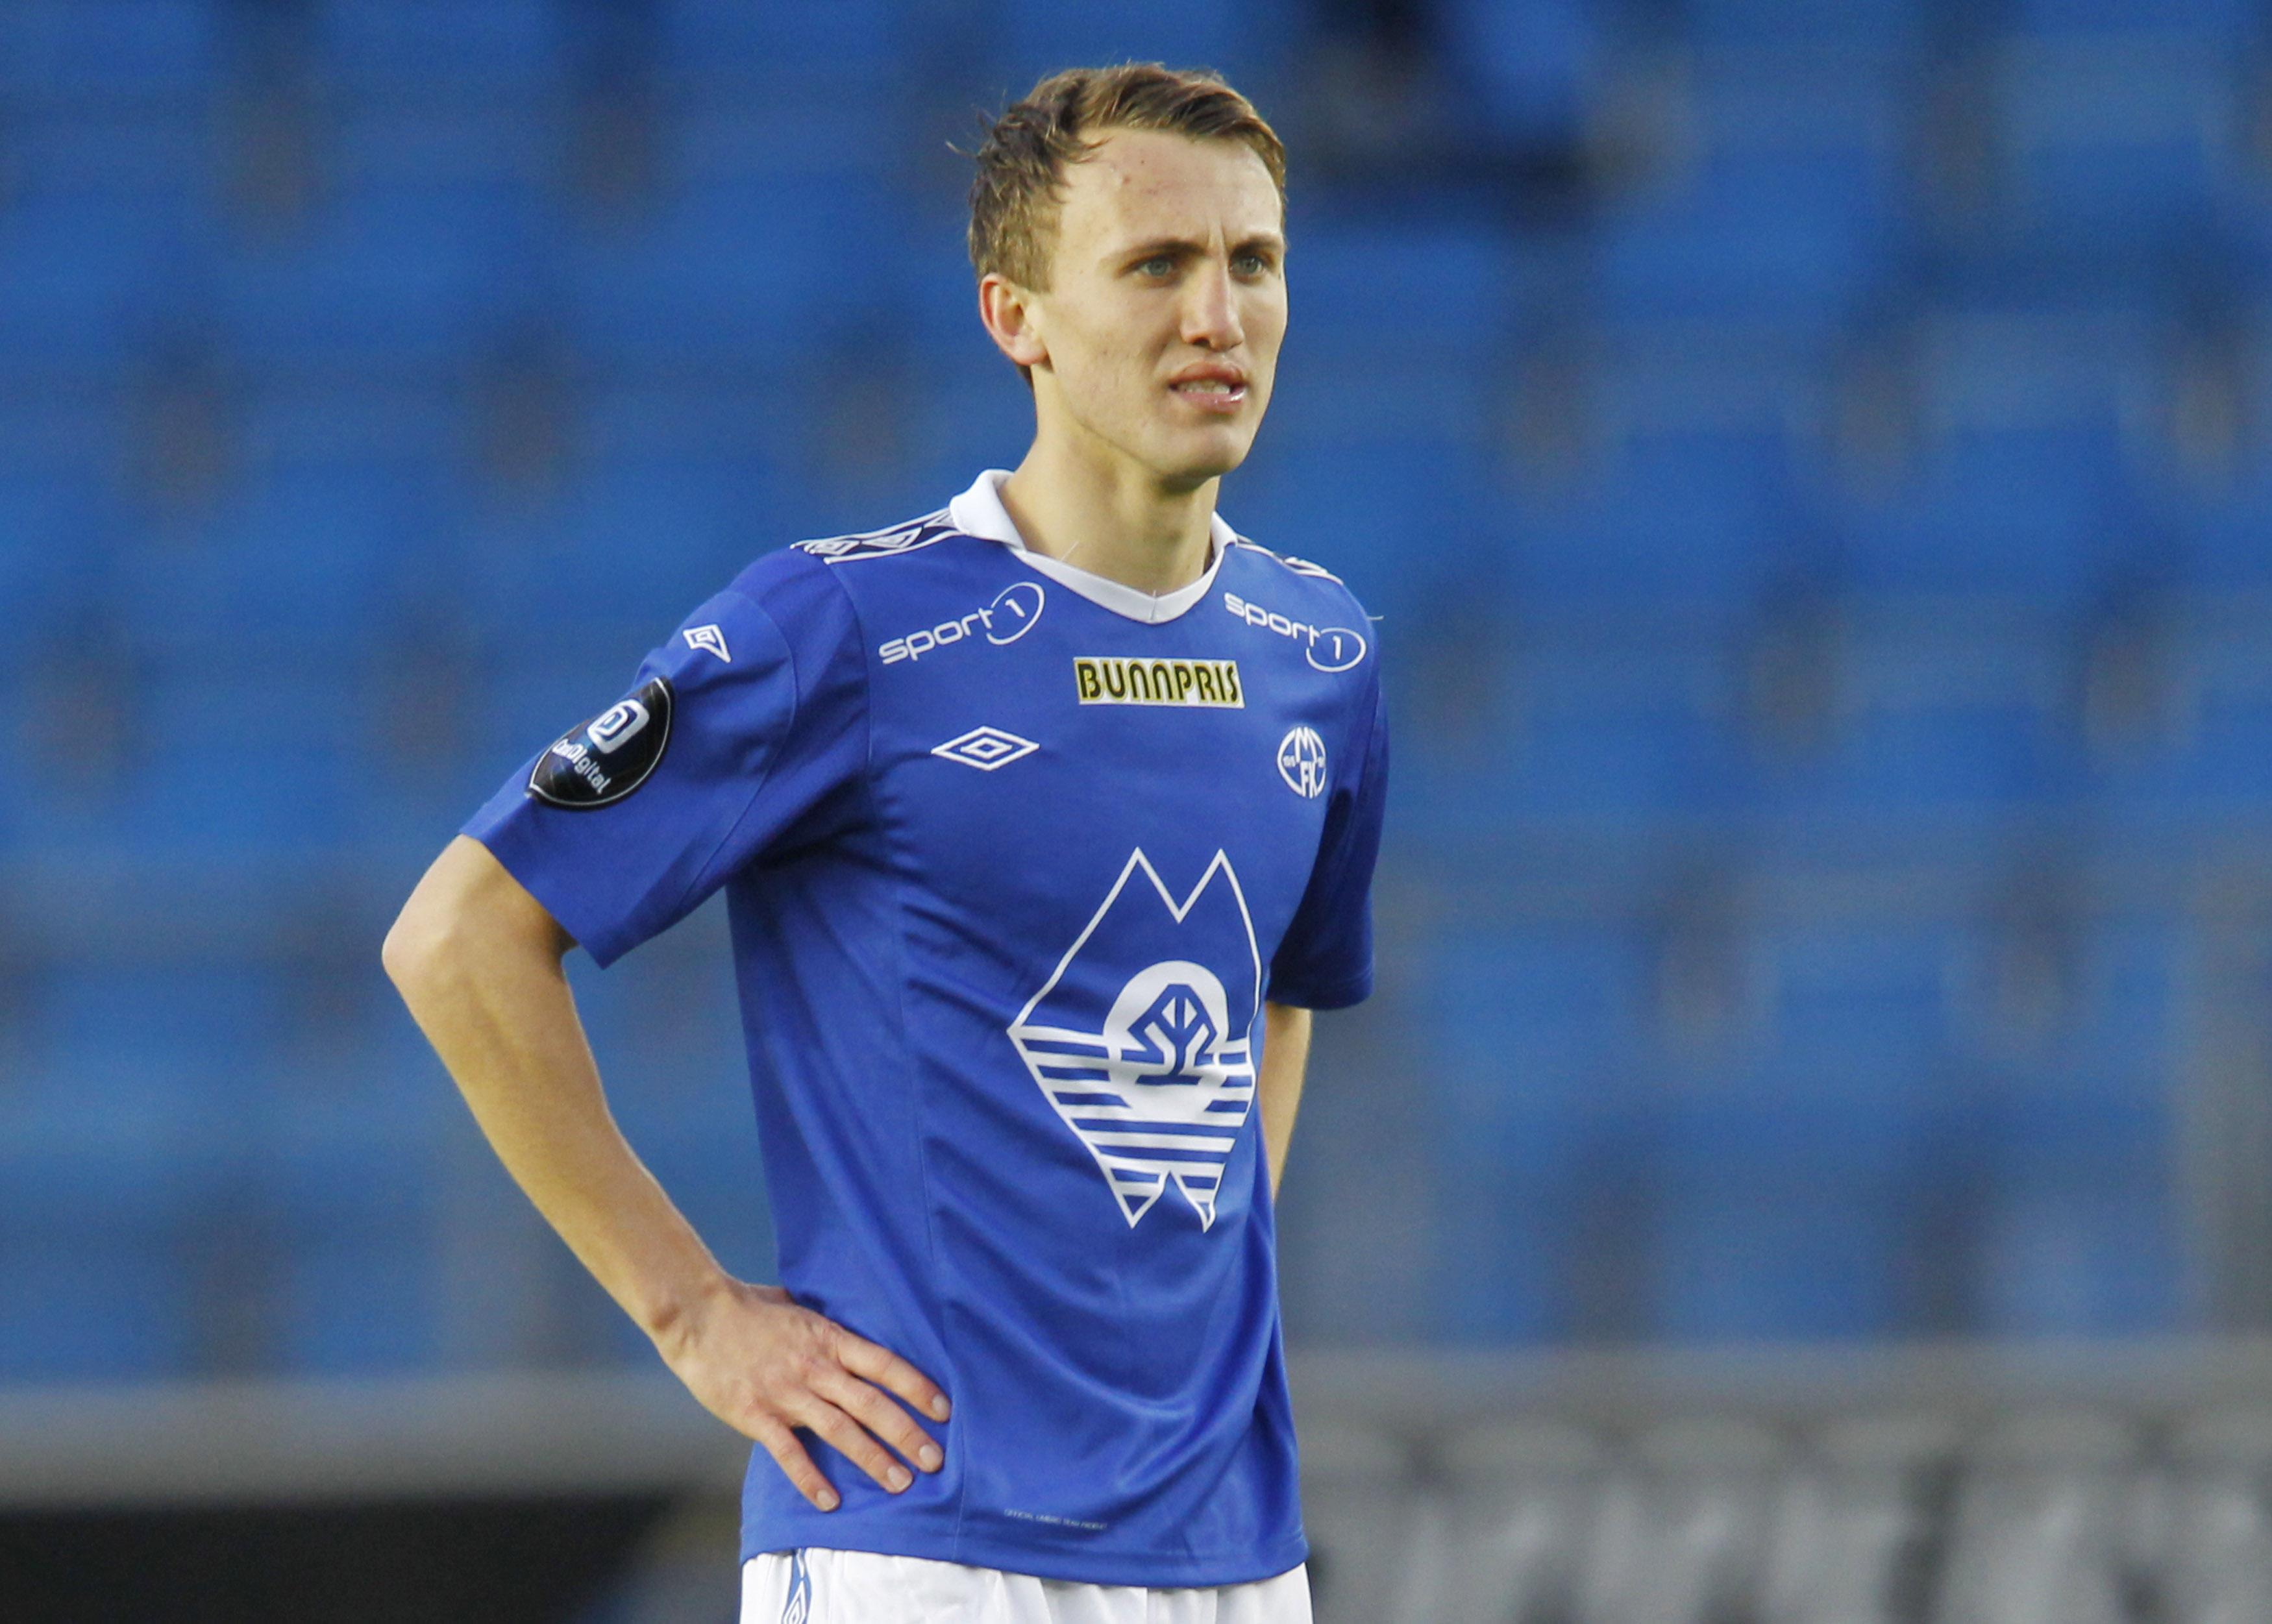 New Cardiff City midfielder Magnus Wolff Eikrem